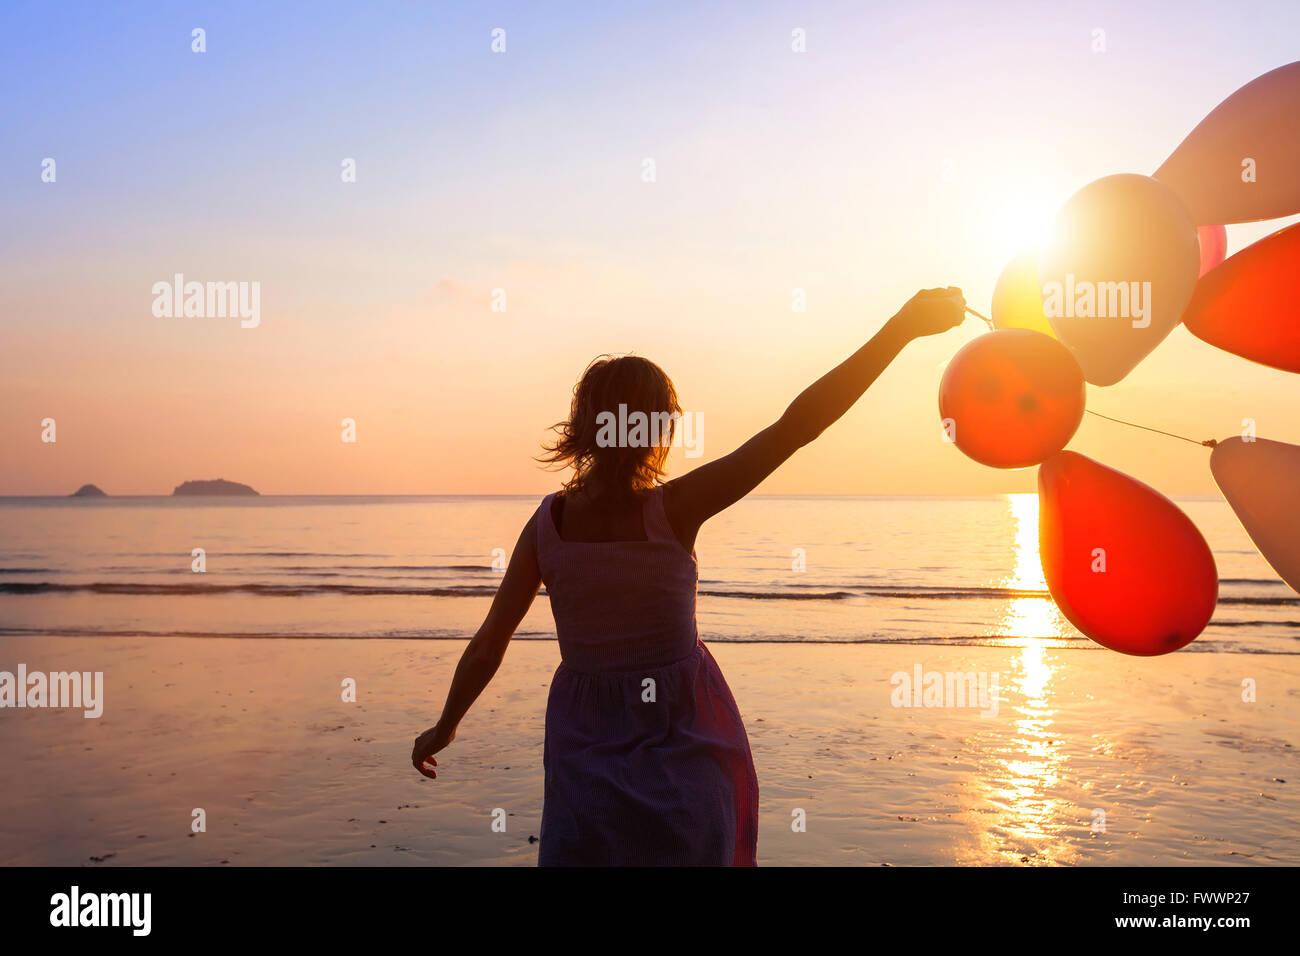 Concept de bonheur, heureuse fille aux ballons multicolores, de la joie et des émotions positives Photo Stock